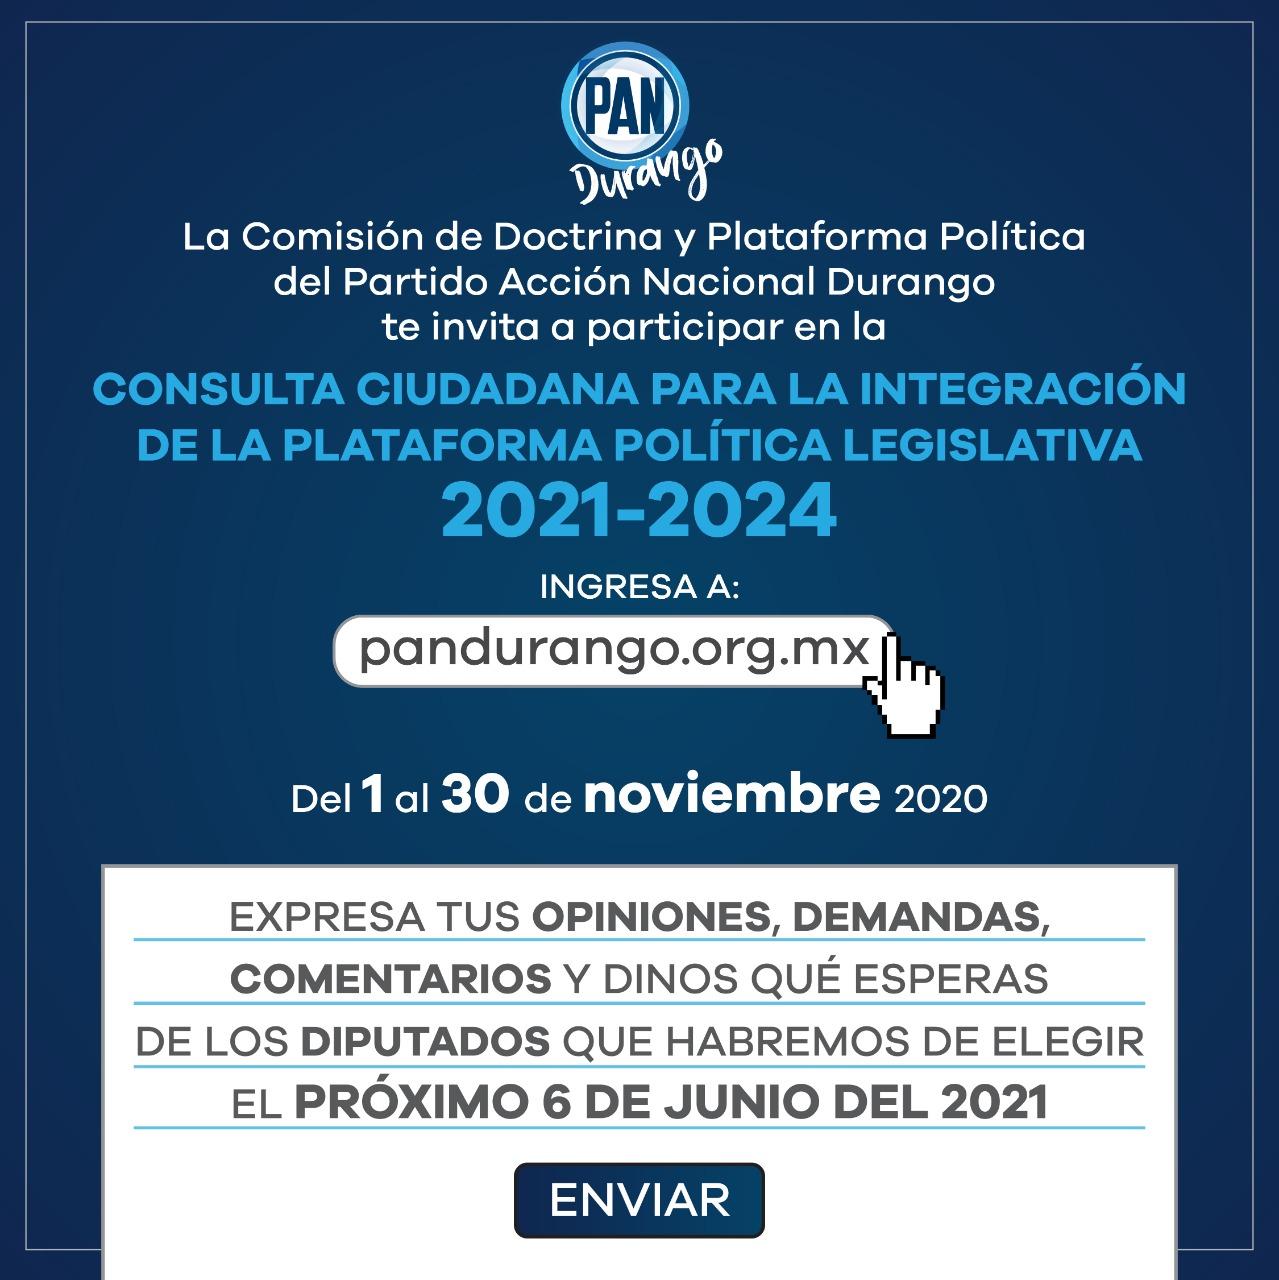 Consulta Ciudadana Para La Integración De La Plataforma Política Legislativa